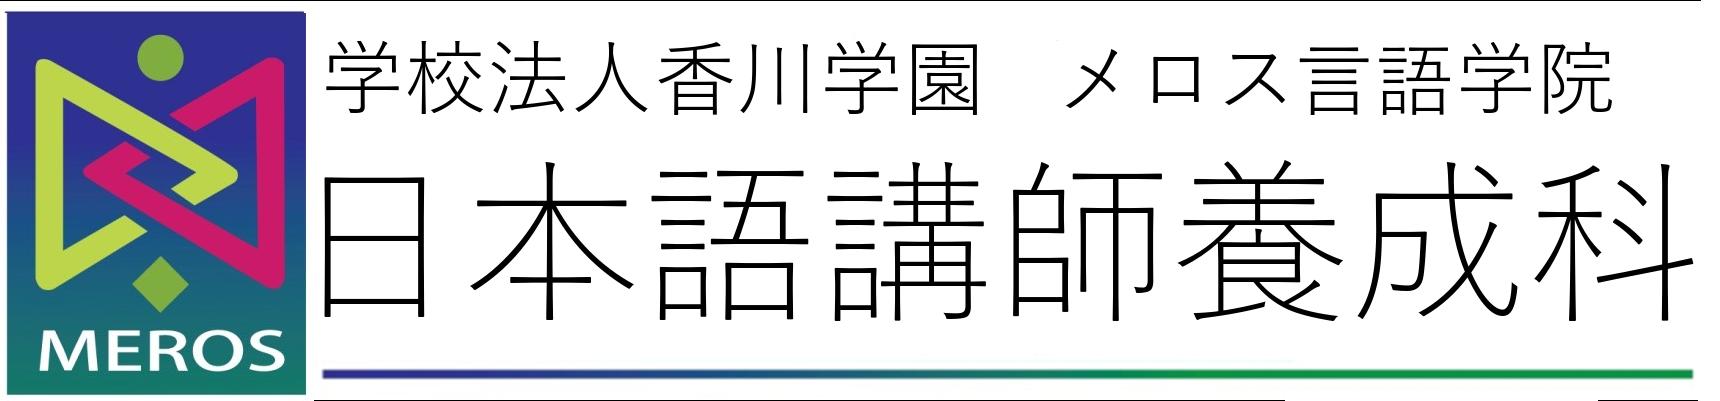 メロス言語学院 日本語教師養成科